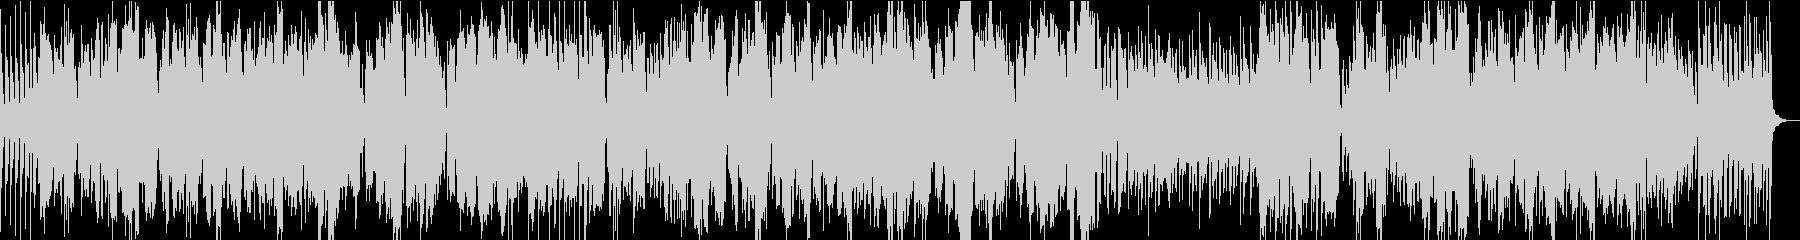 アコーディオン+バイオリンのシャンソン風の未再生の波形